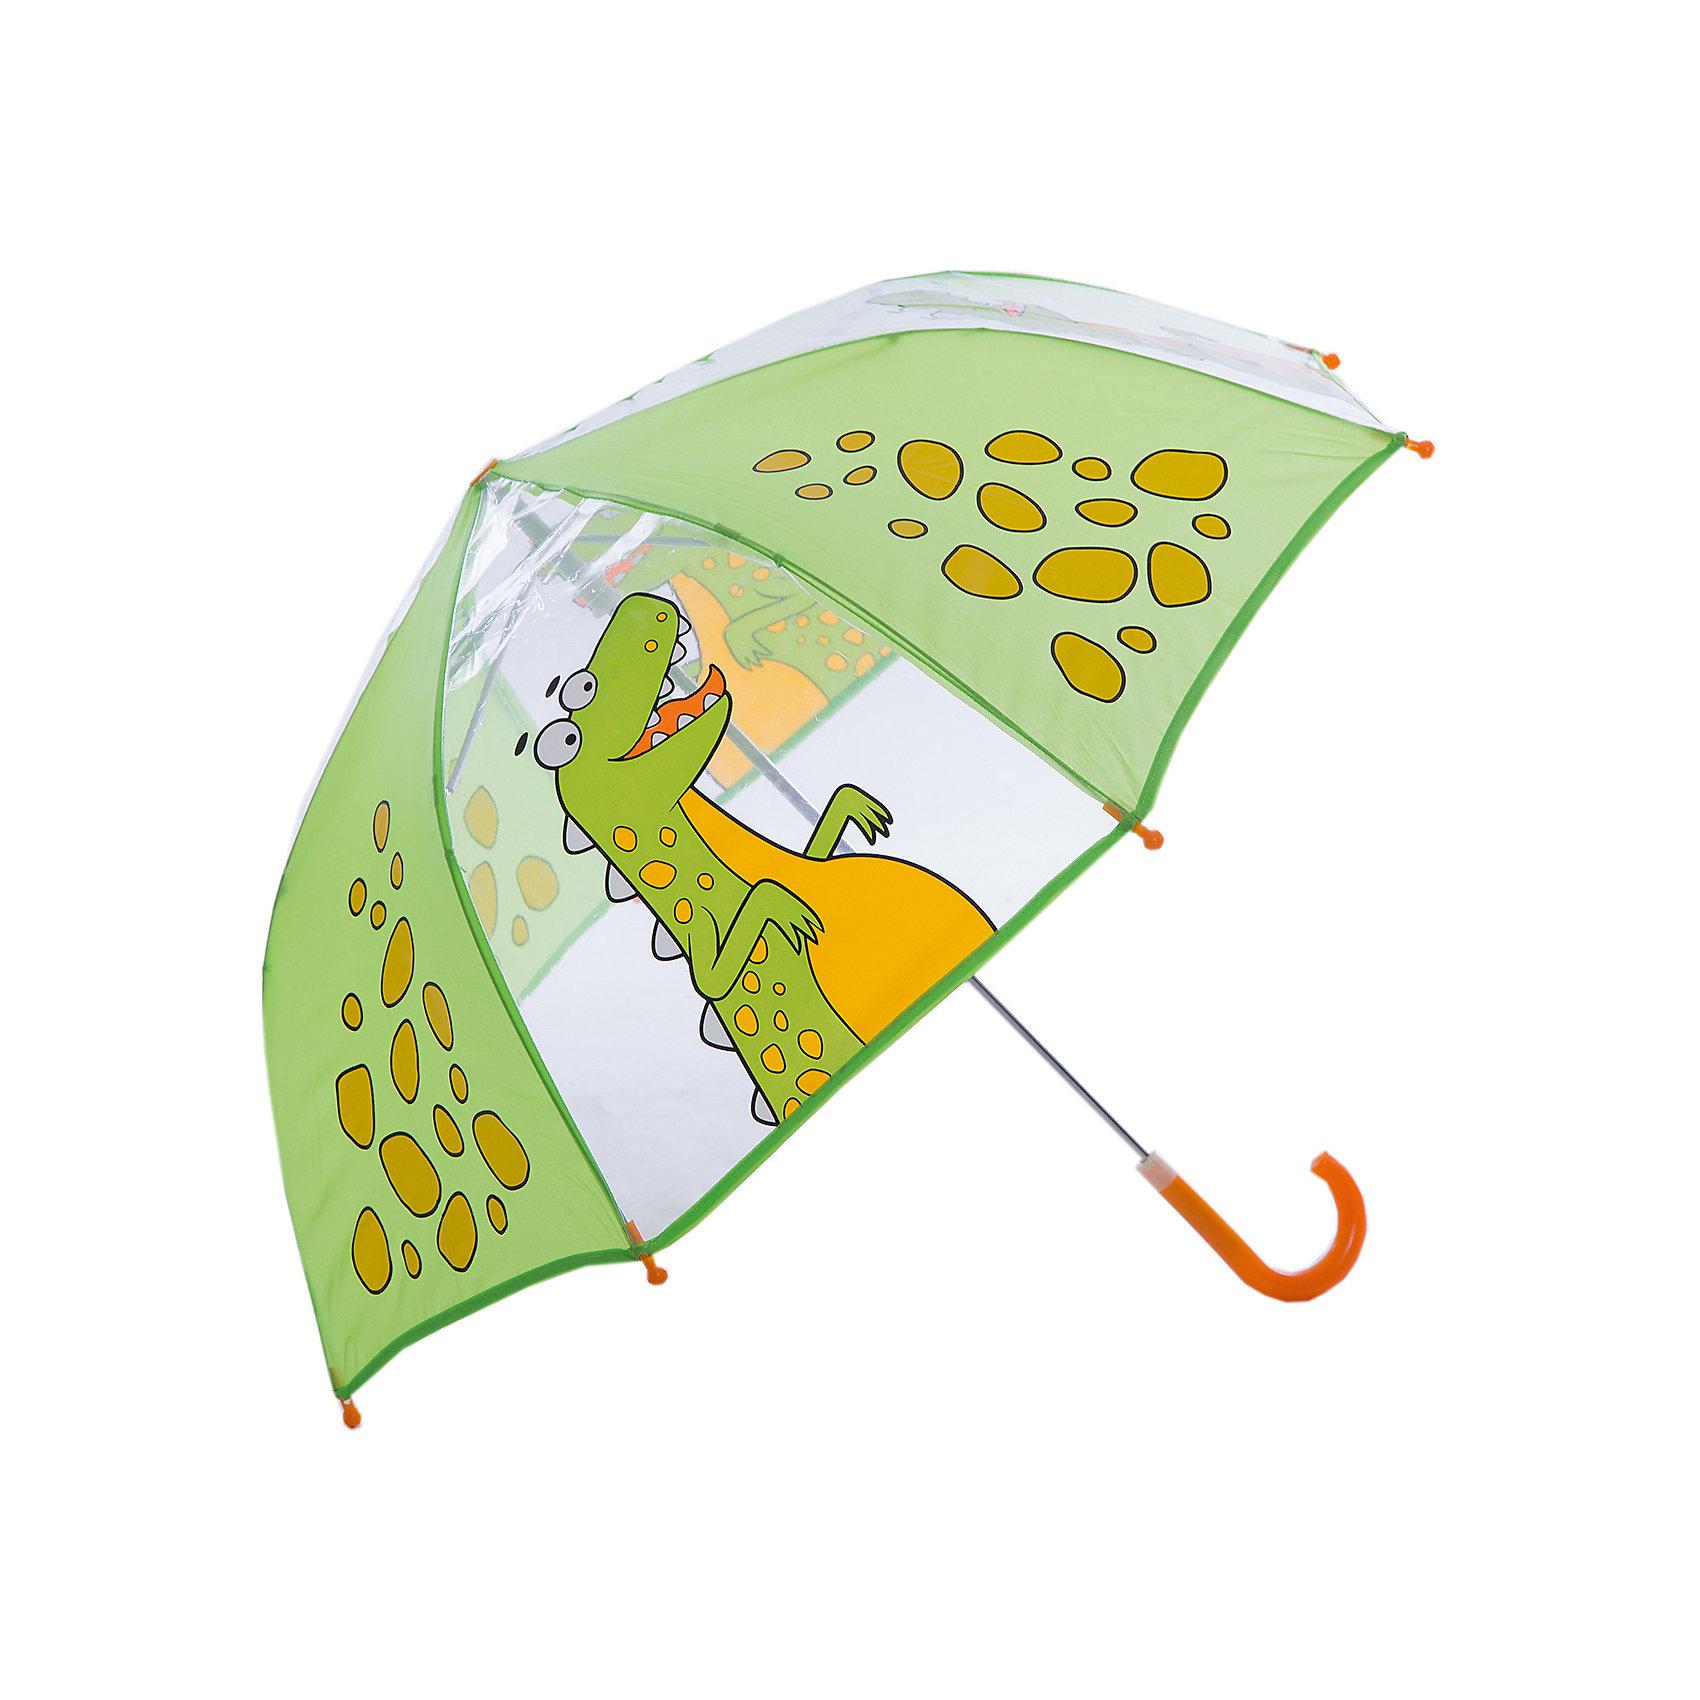 Зонт детский Динозаврик, 46см.Яркий и удобный зонтик для малышей Динозаврик. Радиус: 46 см. Длина ручки: 57 см.<br><br>Ширина мм: 615<br>Глубина мм: 500<br>Высота мм: 800<br>Вес г: 210<br>Возраст от месяцев: 36<br>Возраст до месяцев: 2147483647<br>Пол: Унисекс<br>Возраст: Детский<br>SKU: 5508504